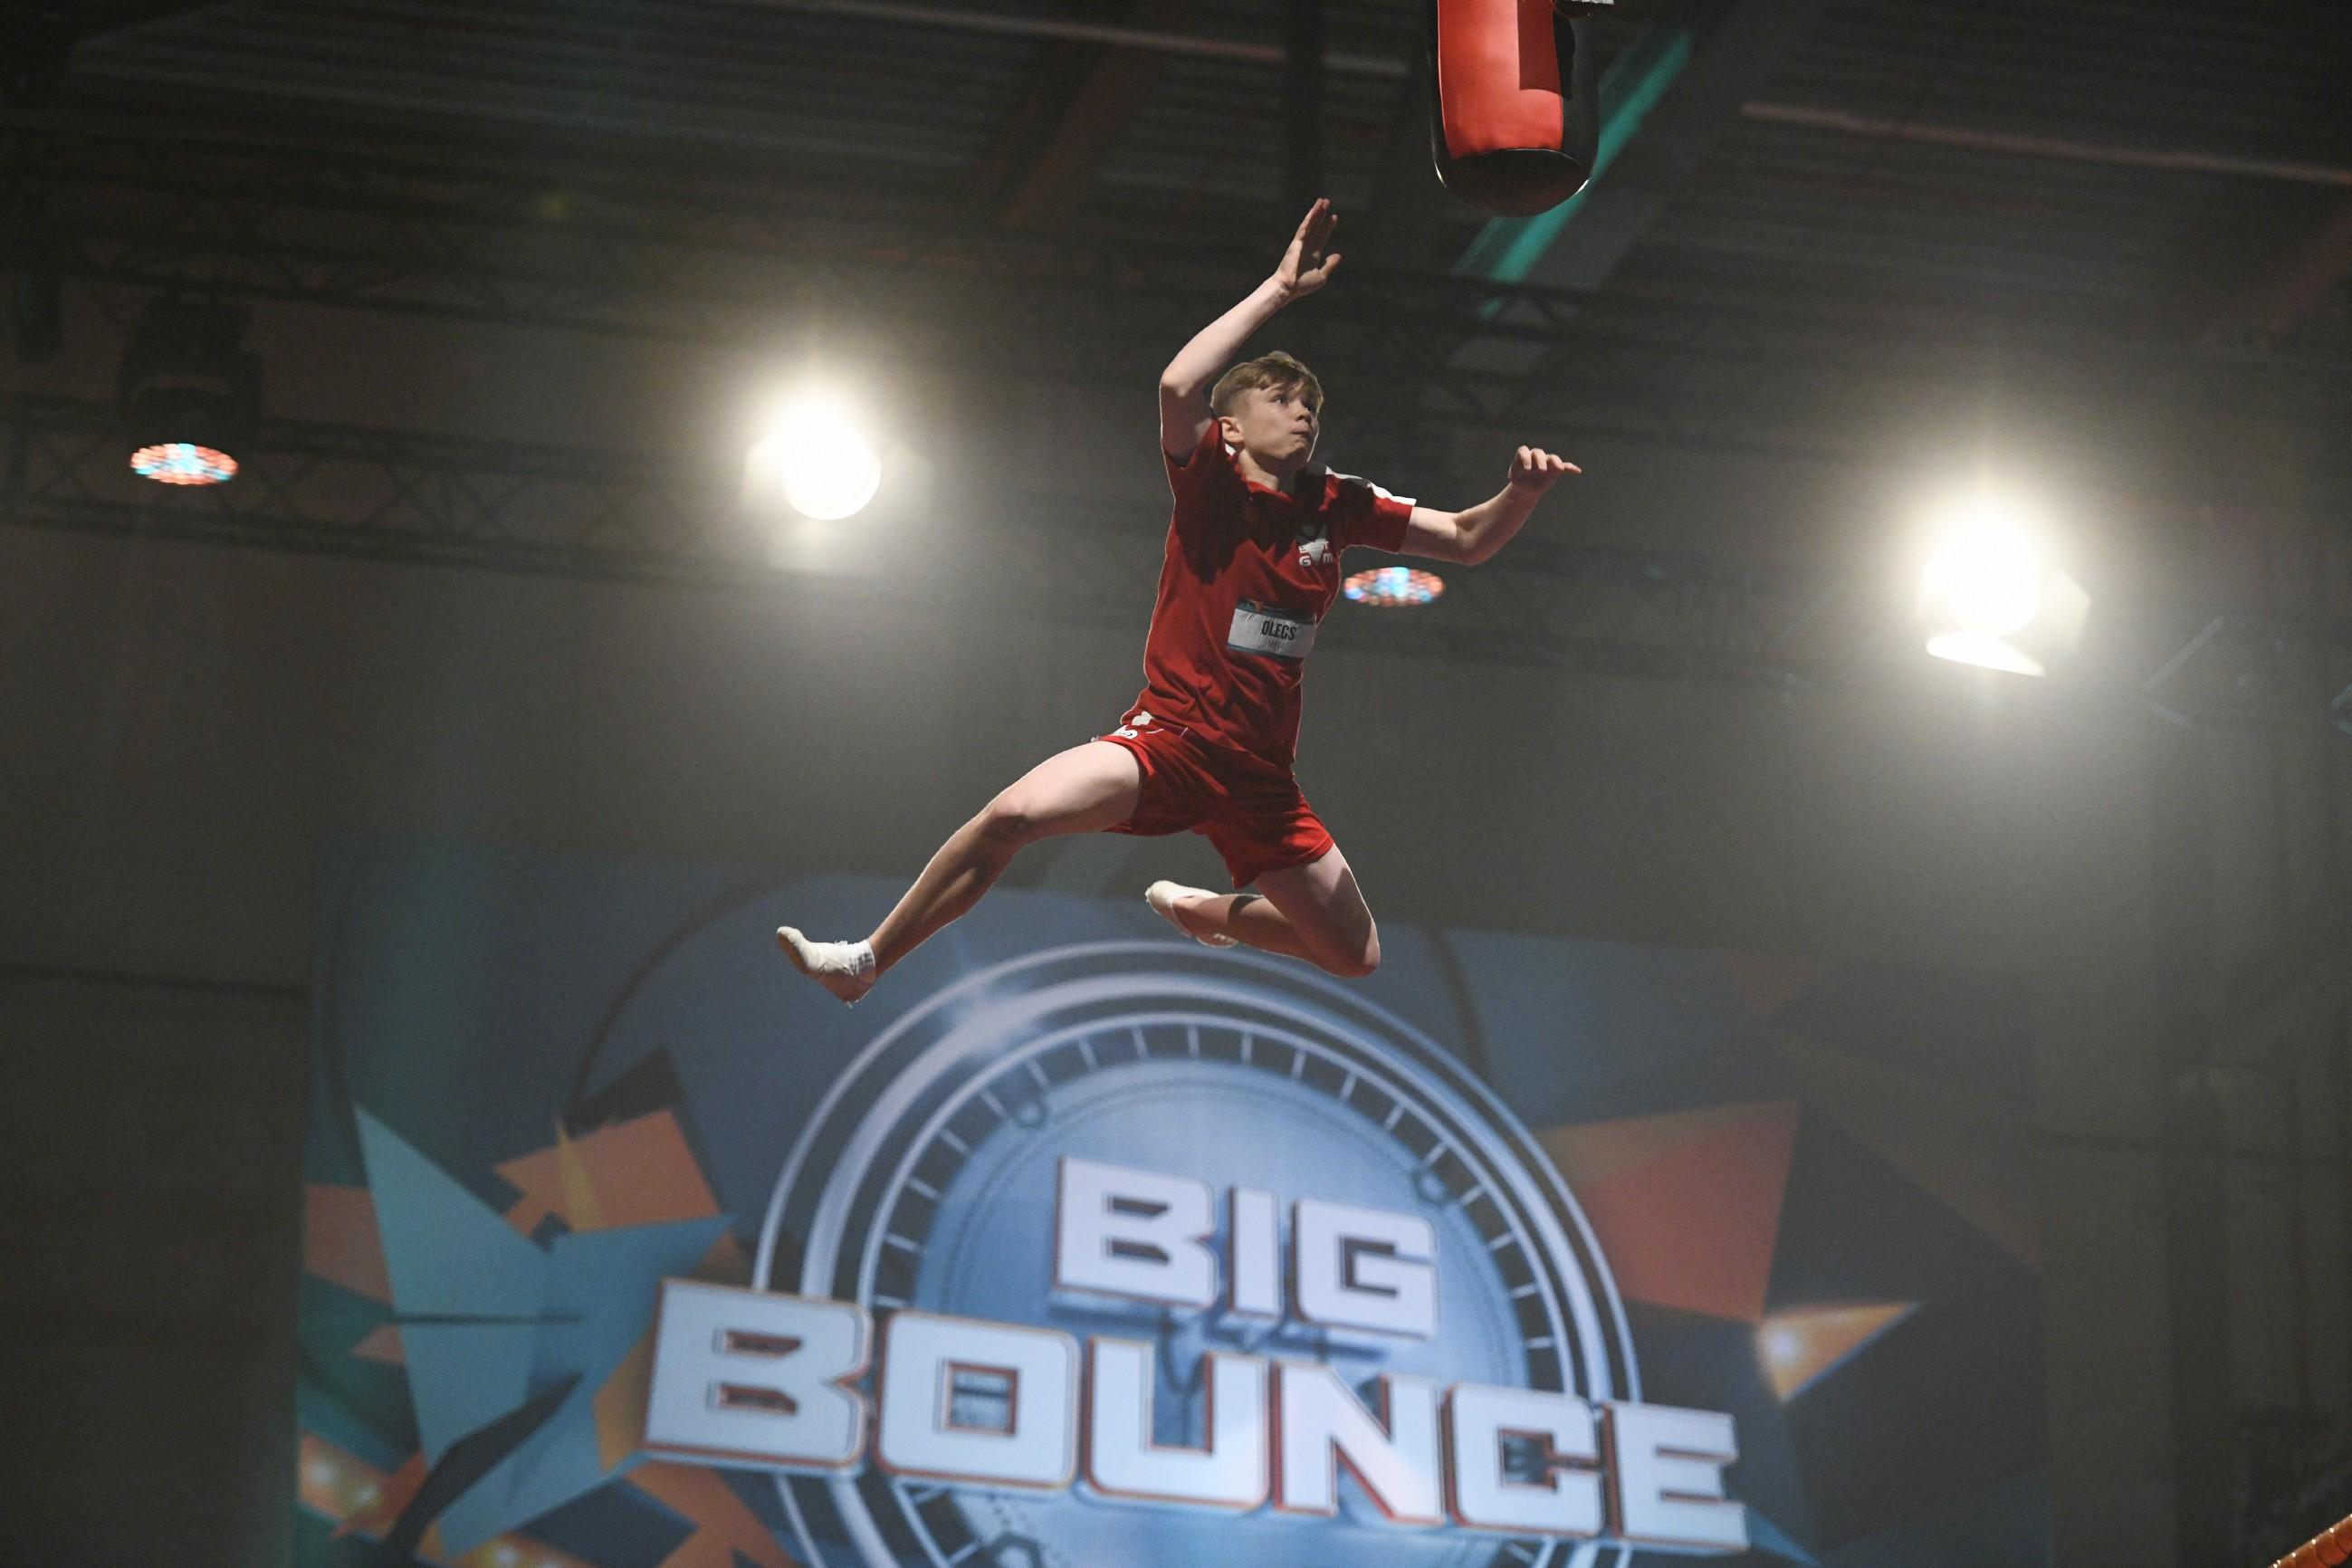 Big Bounce Finale - Olegs Snikers